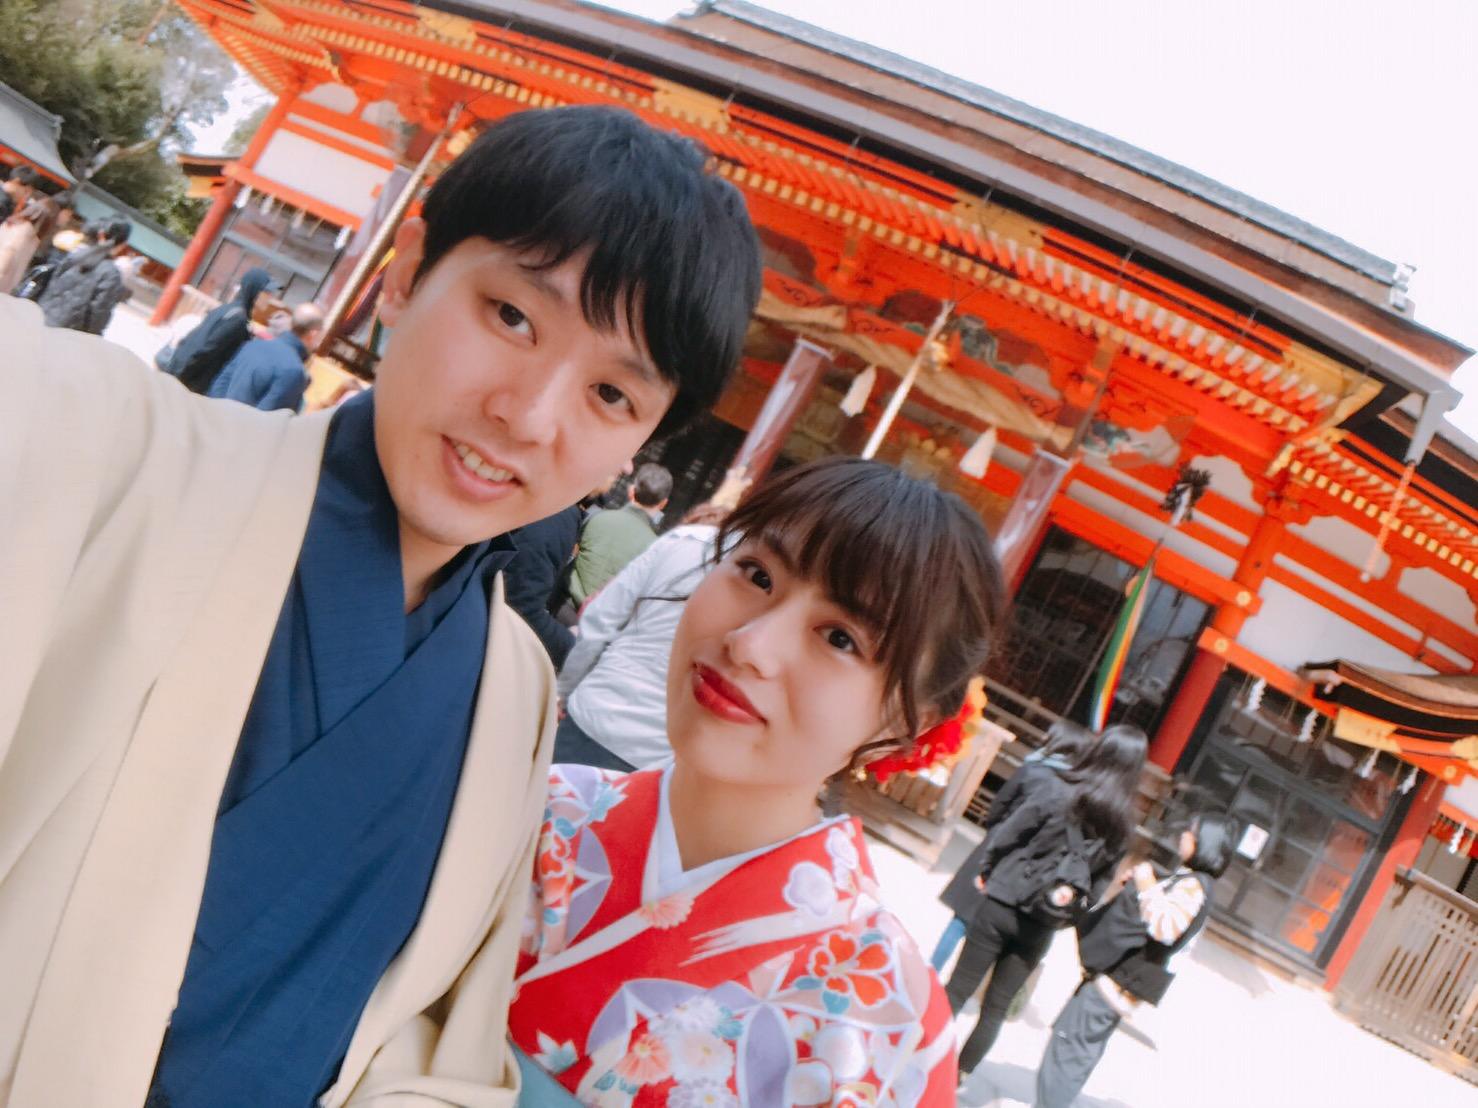 卒業旅行に着物で伏見稲荷大社へ♪2019年3月13日10